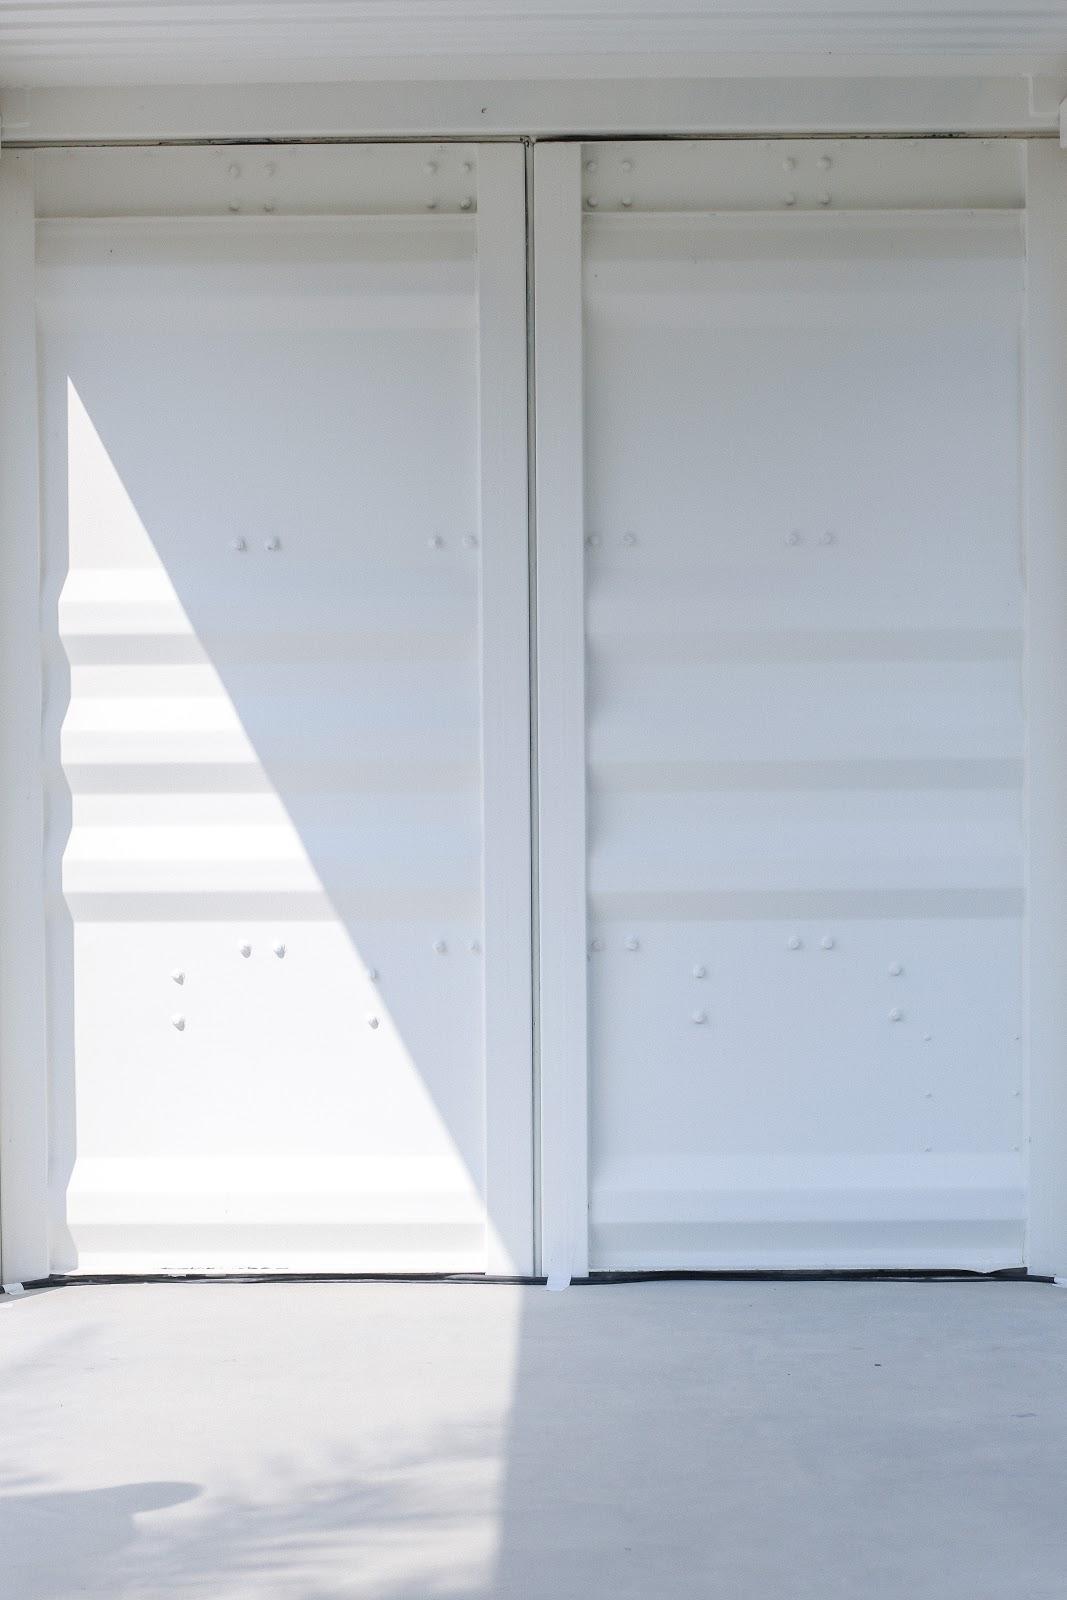 Hai - D3's white walls